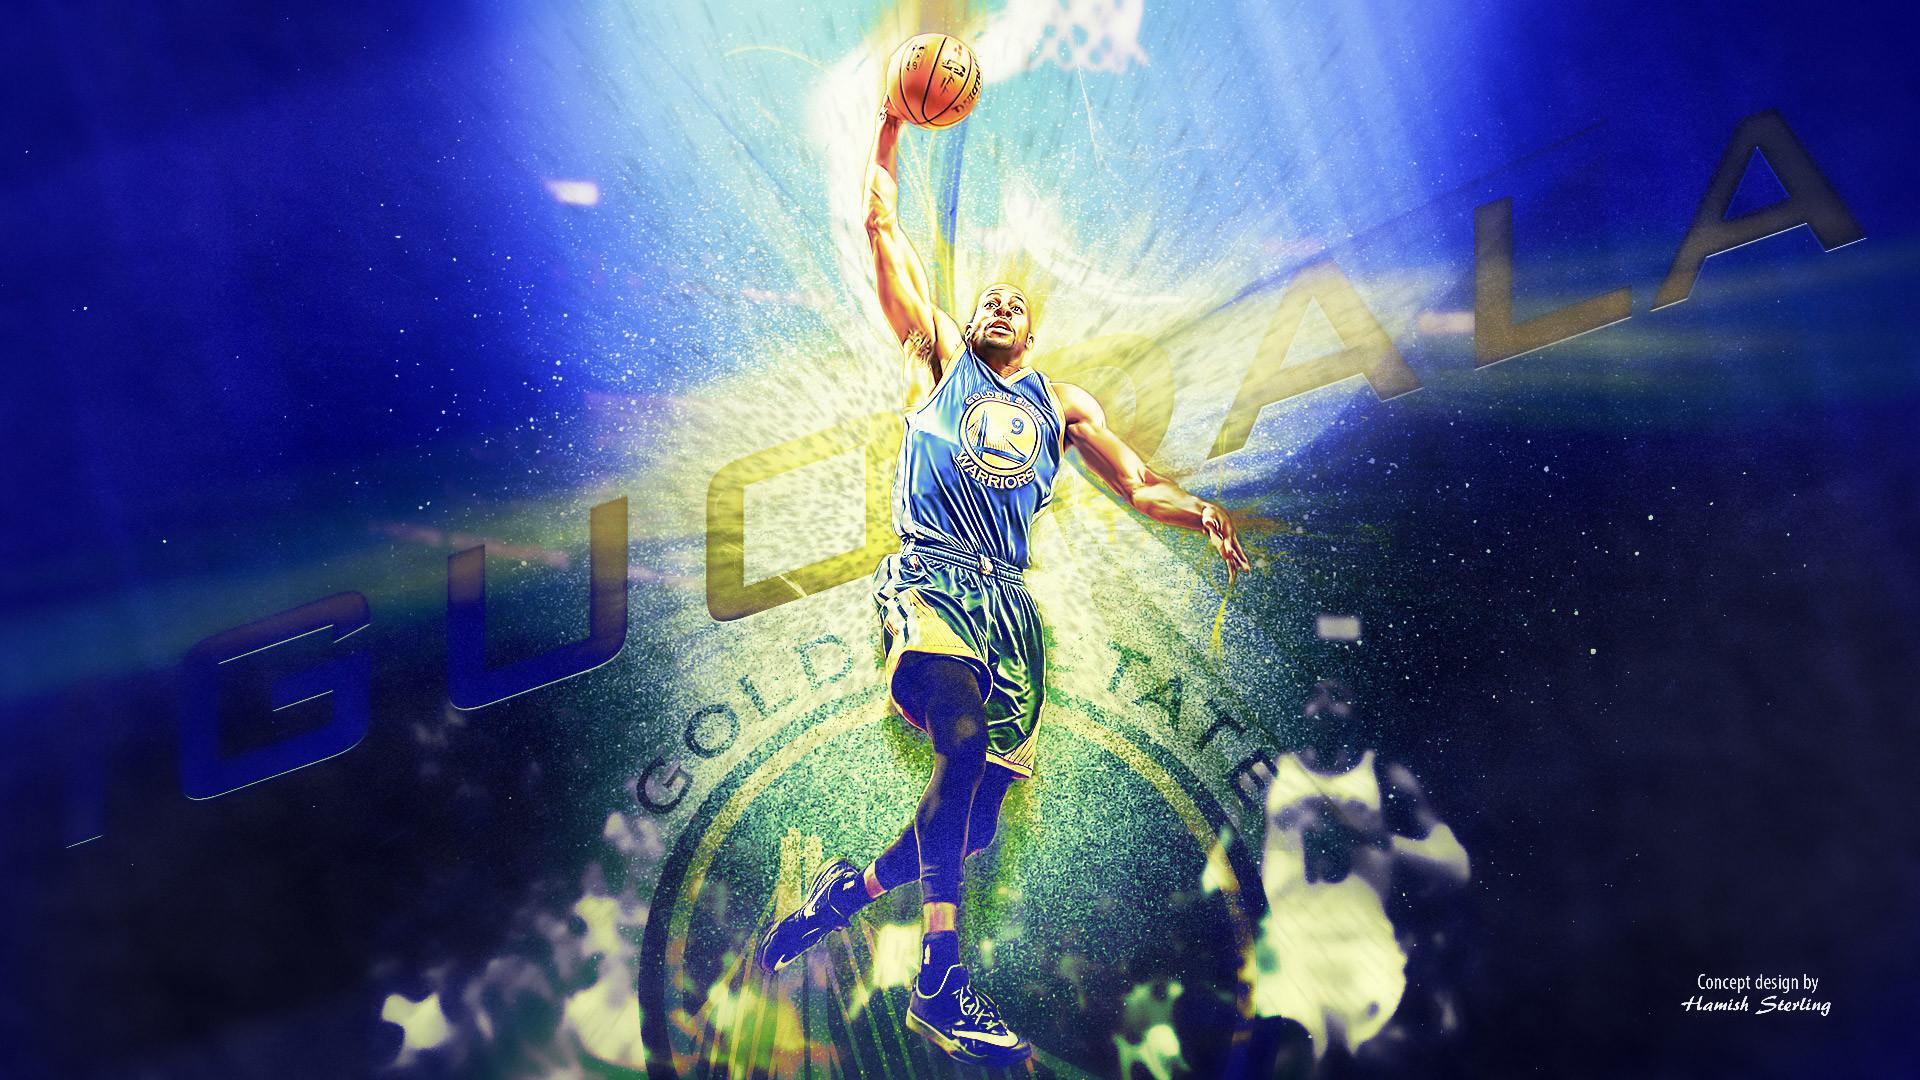 Stephen Curry Golden State Warriors NBA Wallpaper free